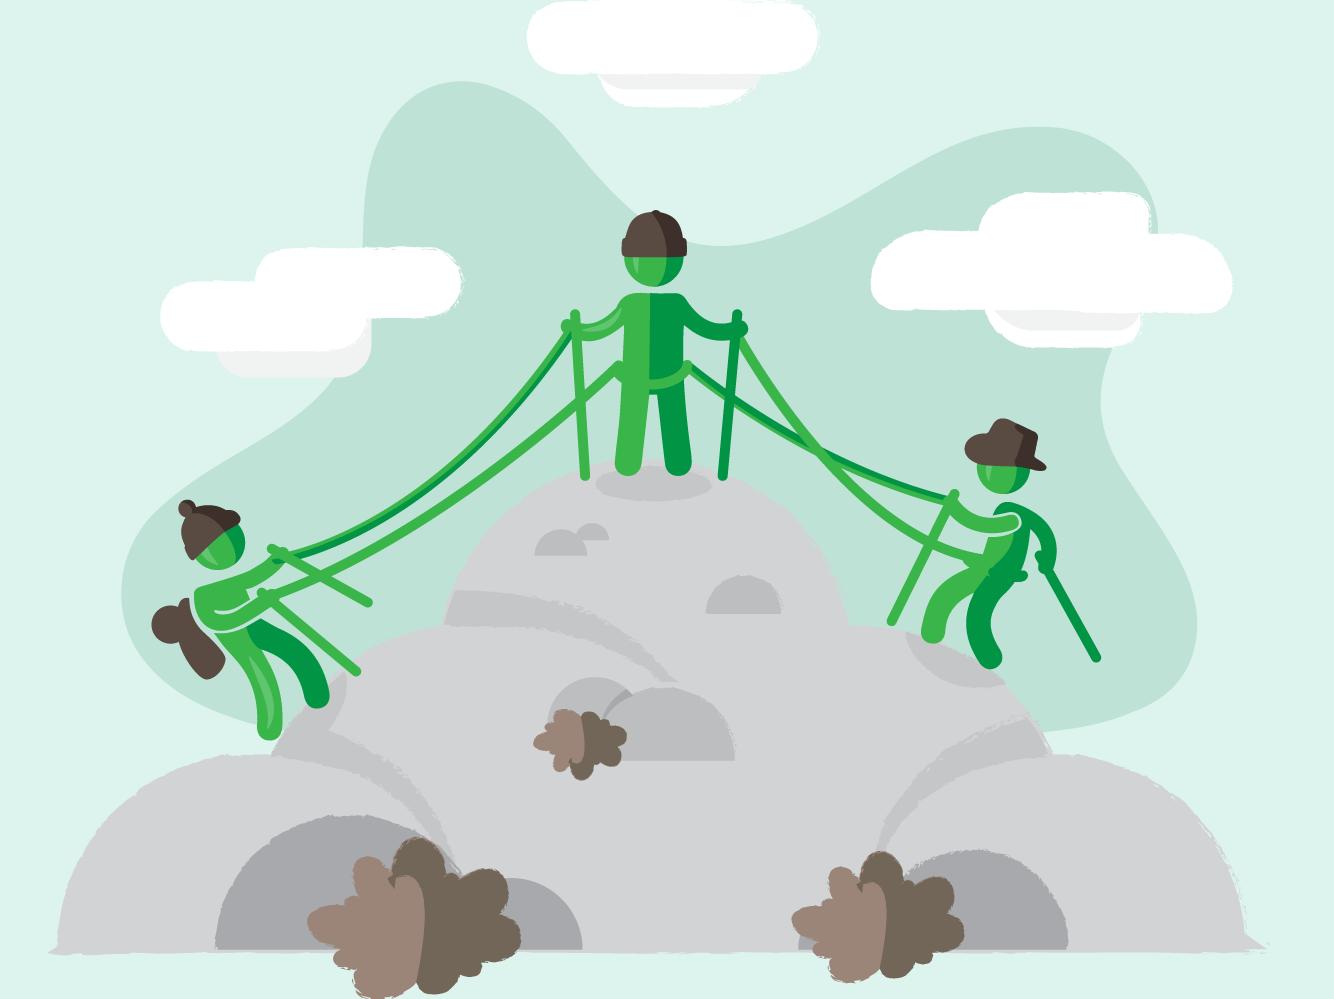 teamfluent-blogpost-illustration-1